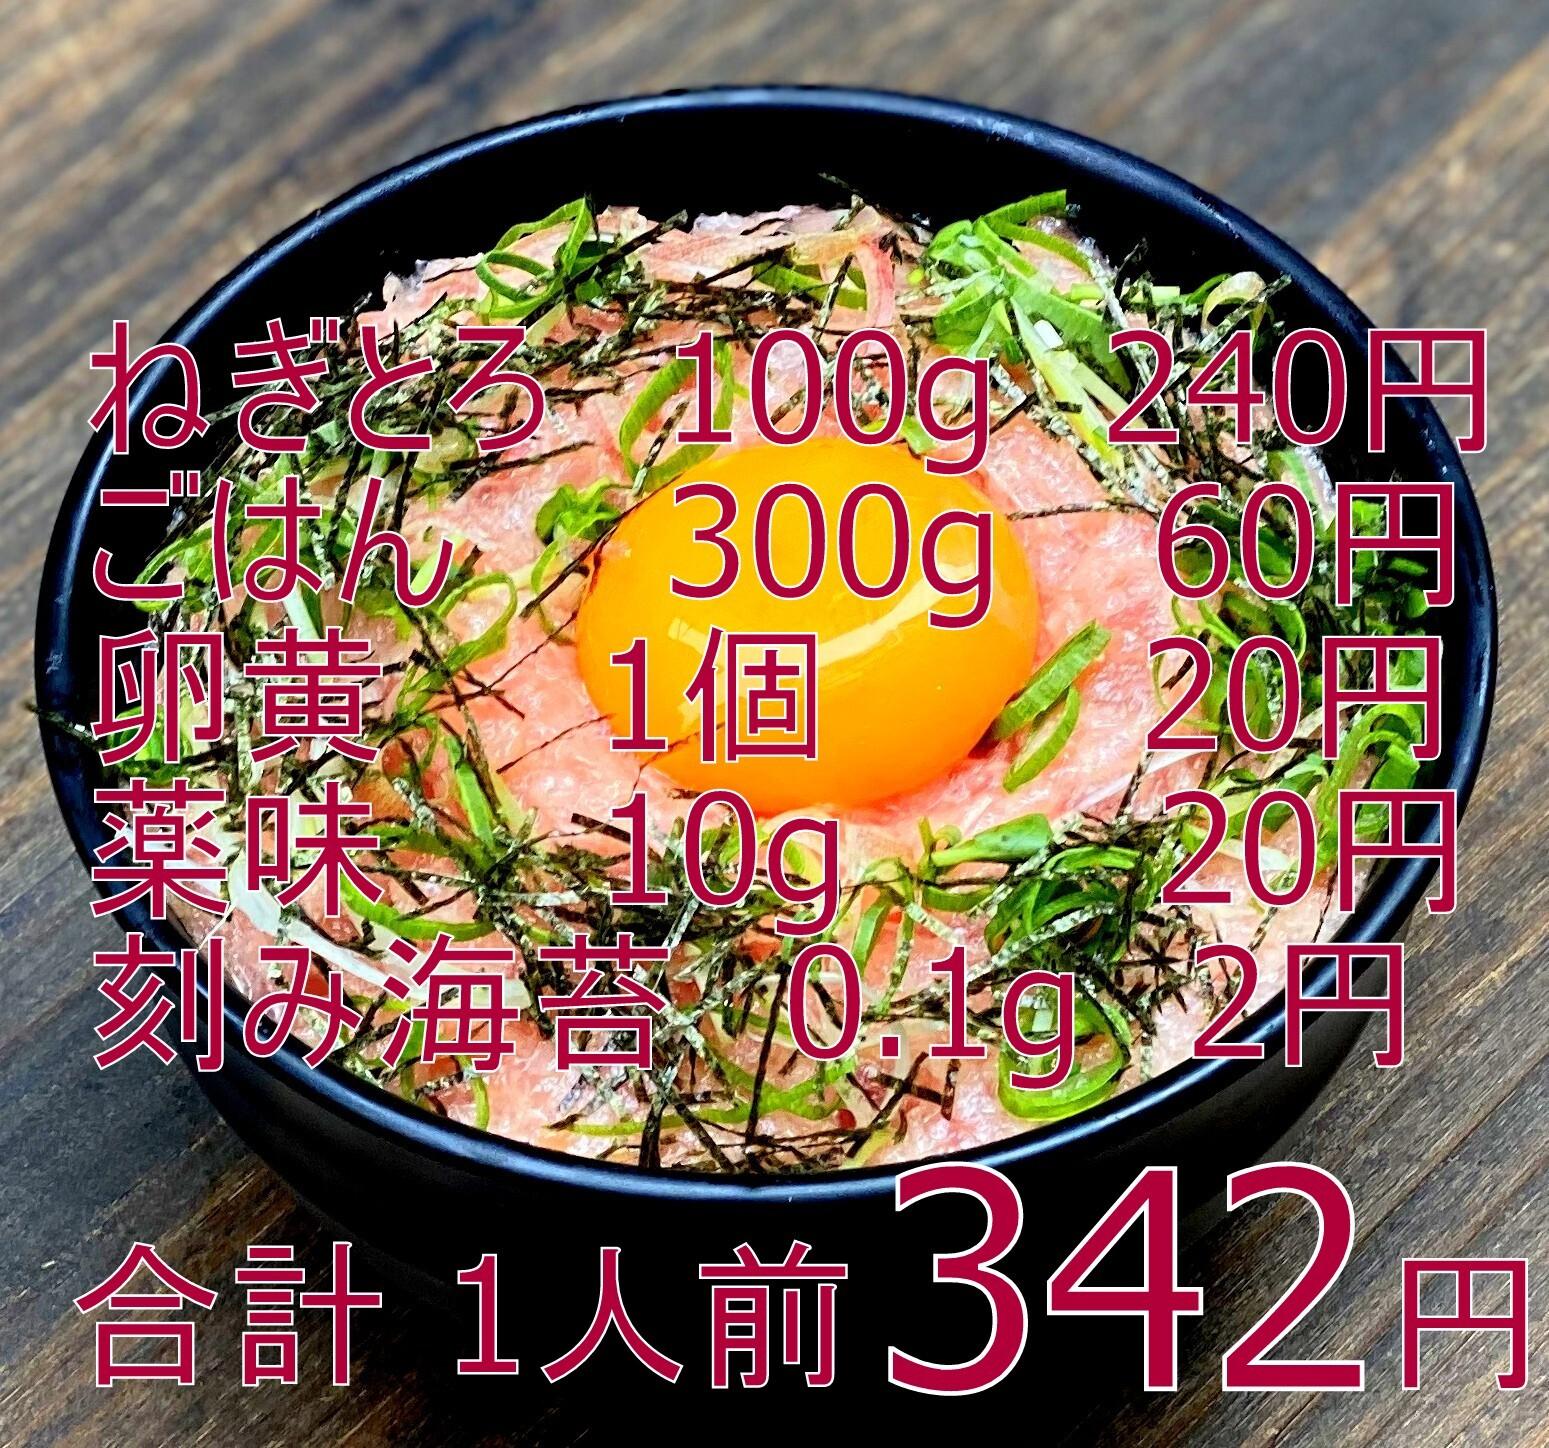 【一般のお客様大歓迎】(0241)冷凍ねぎとろ 500g 1200円(税込)